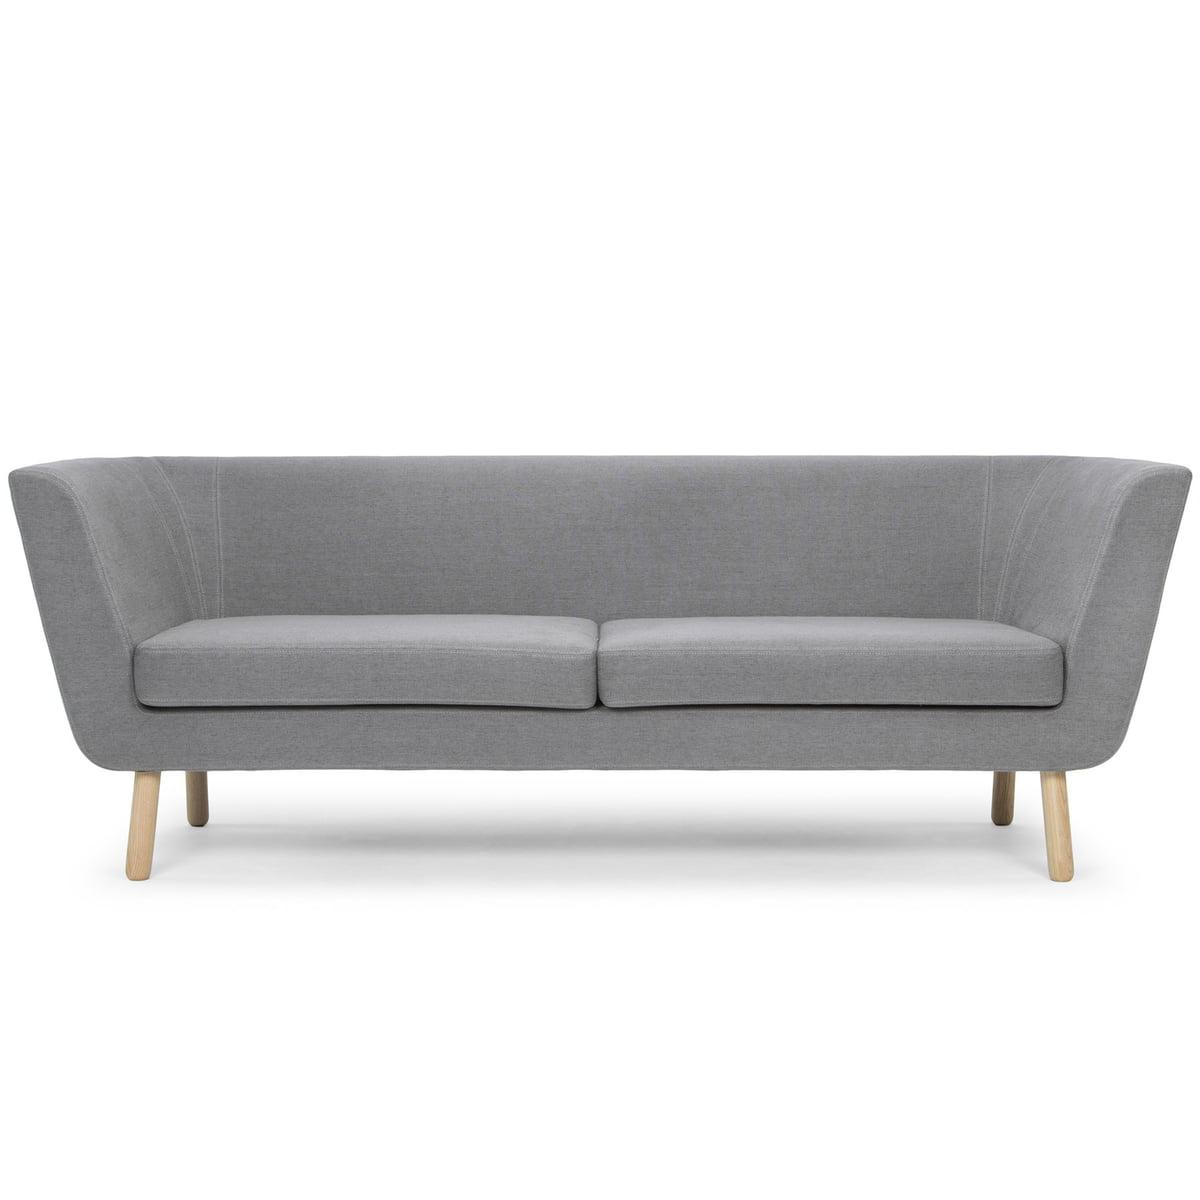 nest sofa von design house stockholm. Black Bedroom Furniture Sets. Home Design Ideas